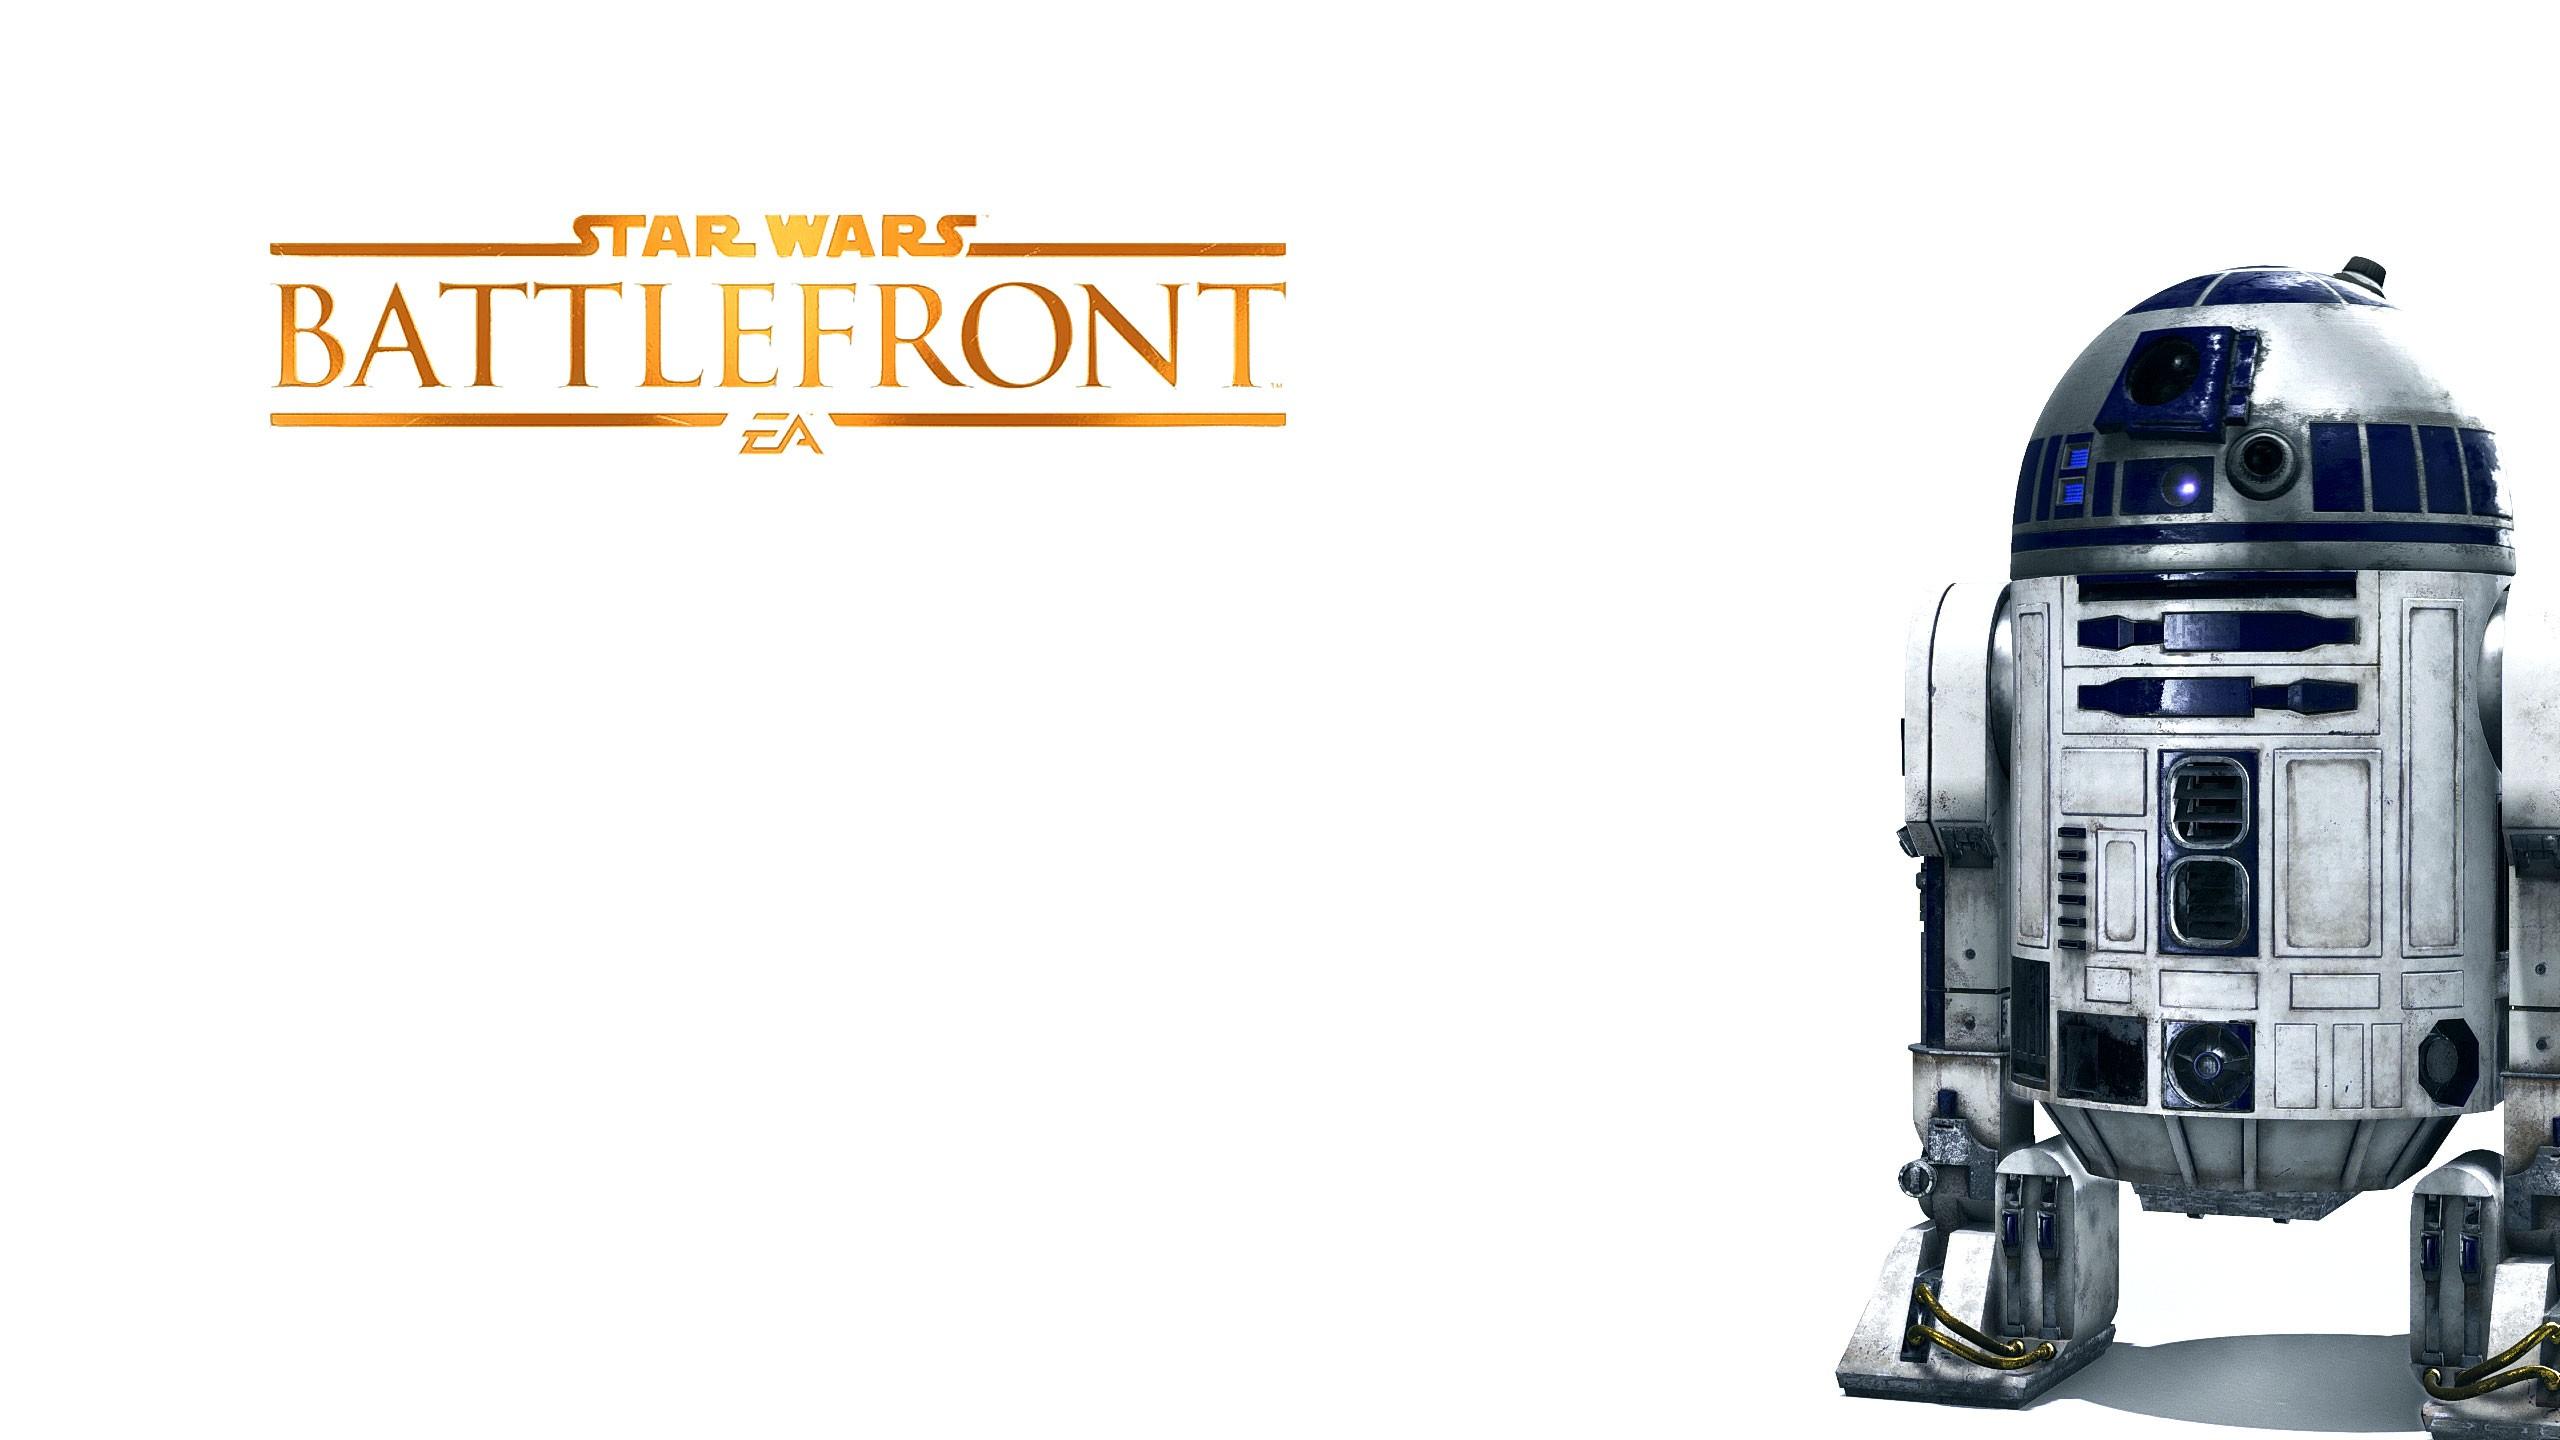 デスクトップ壁紙 ビデオゲーム 単純な背景 R2 D2 技術 機械